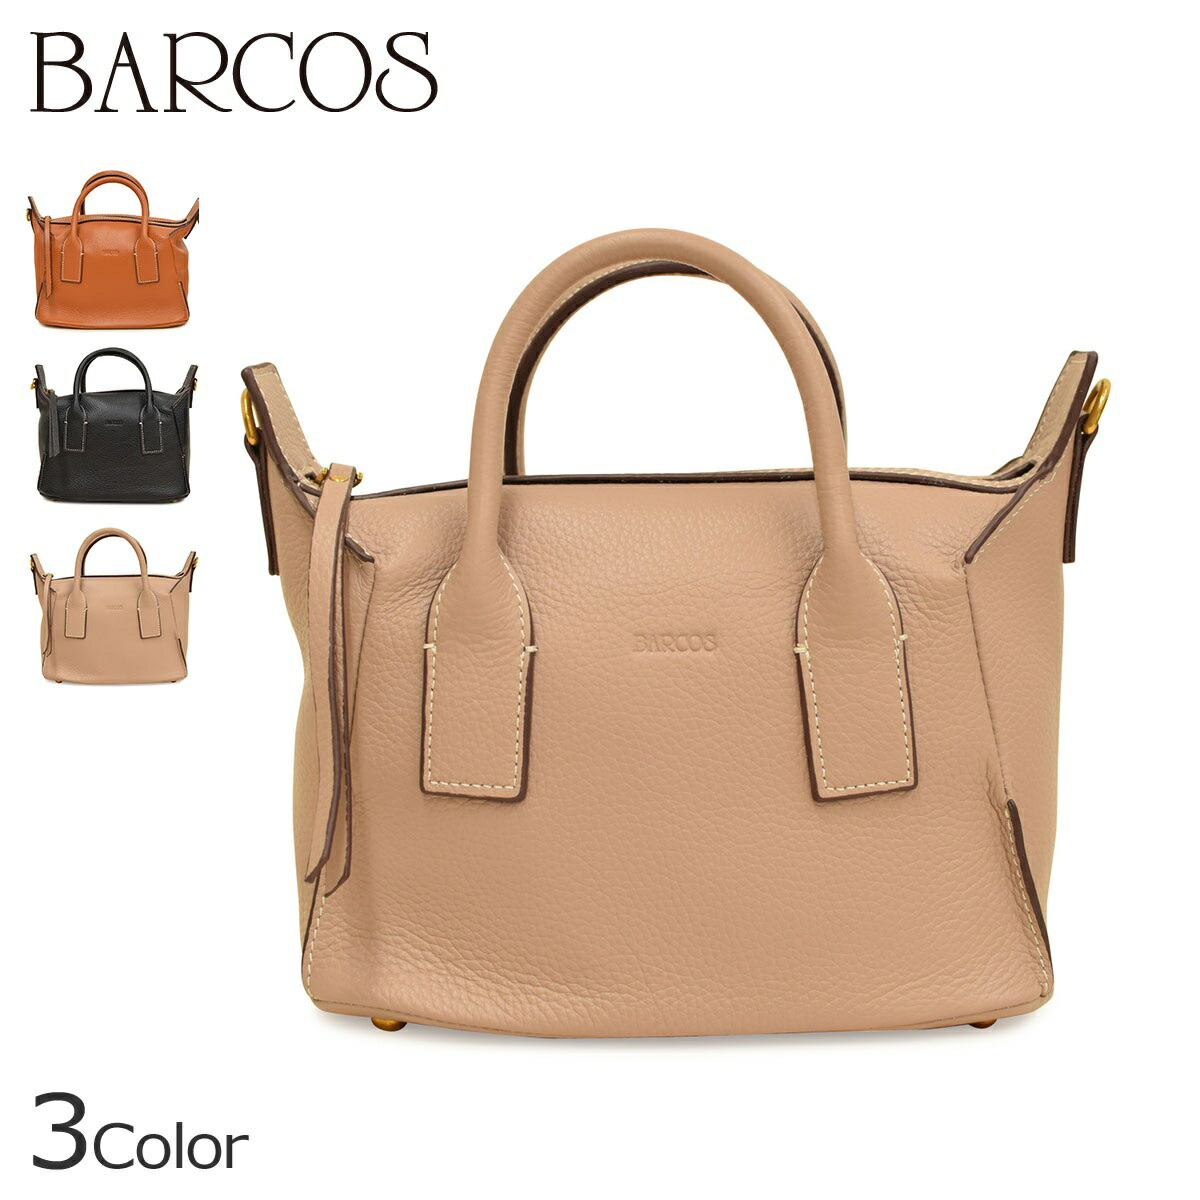 【送料無料】 バルコス ミニバッグ バック レディース シュリンクレザー 2way ハンドバッグ BARCOS カバン